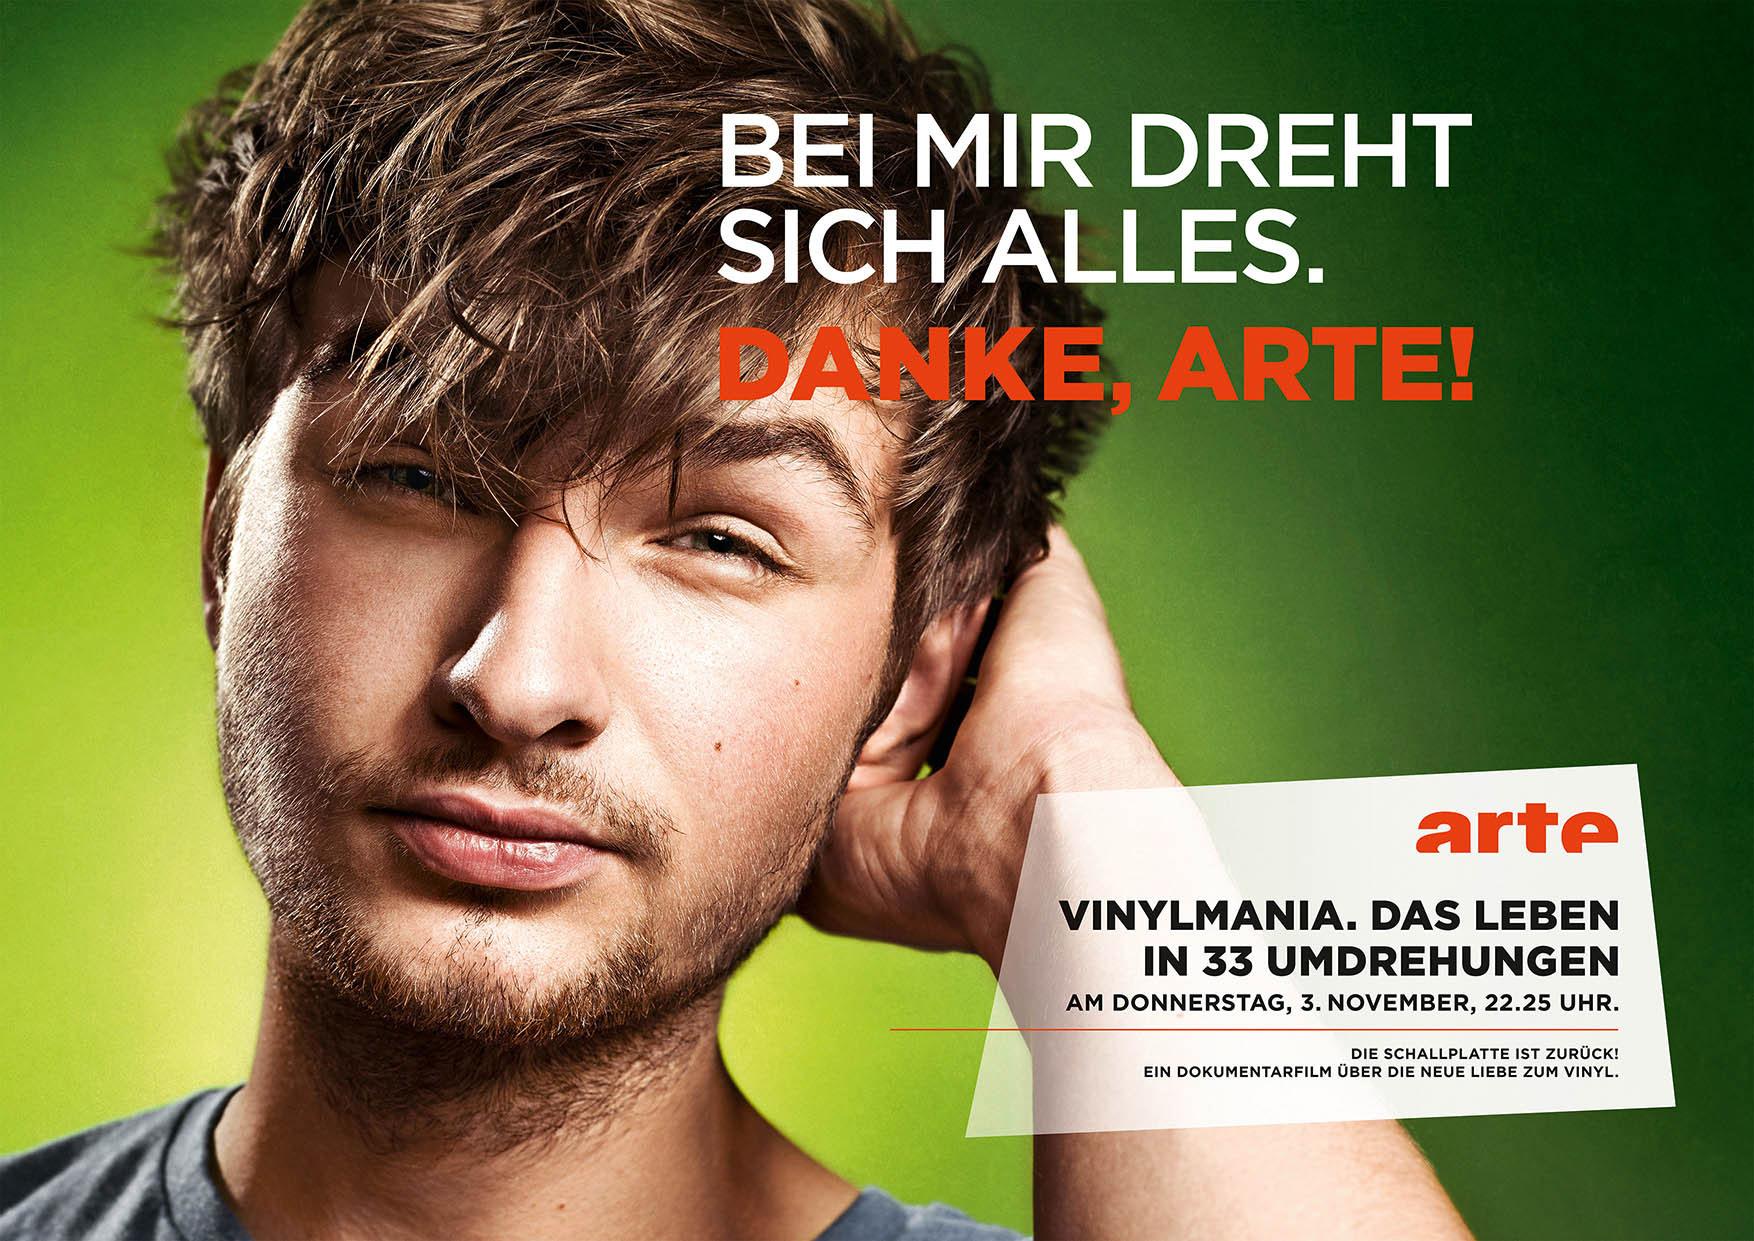 ARTE-Vinylmania